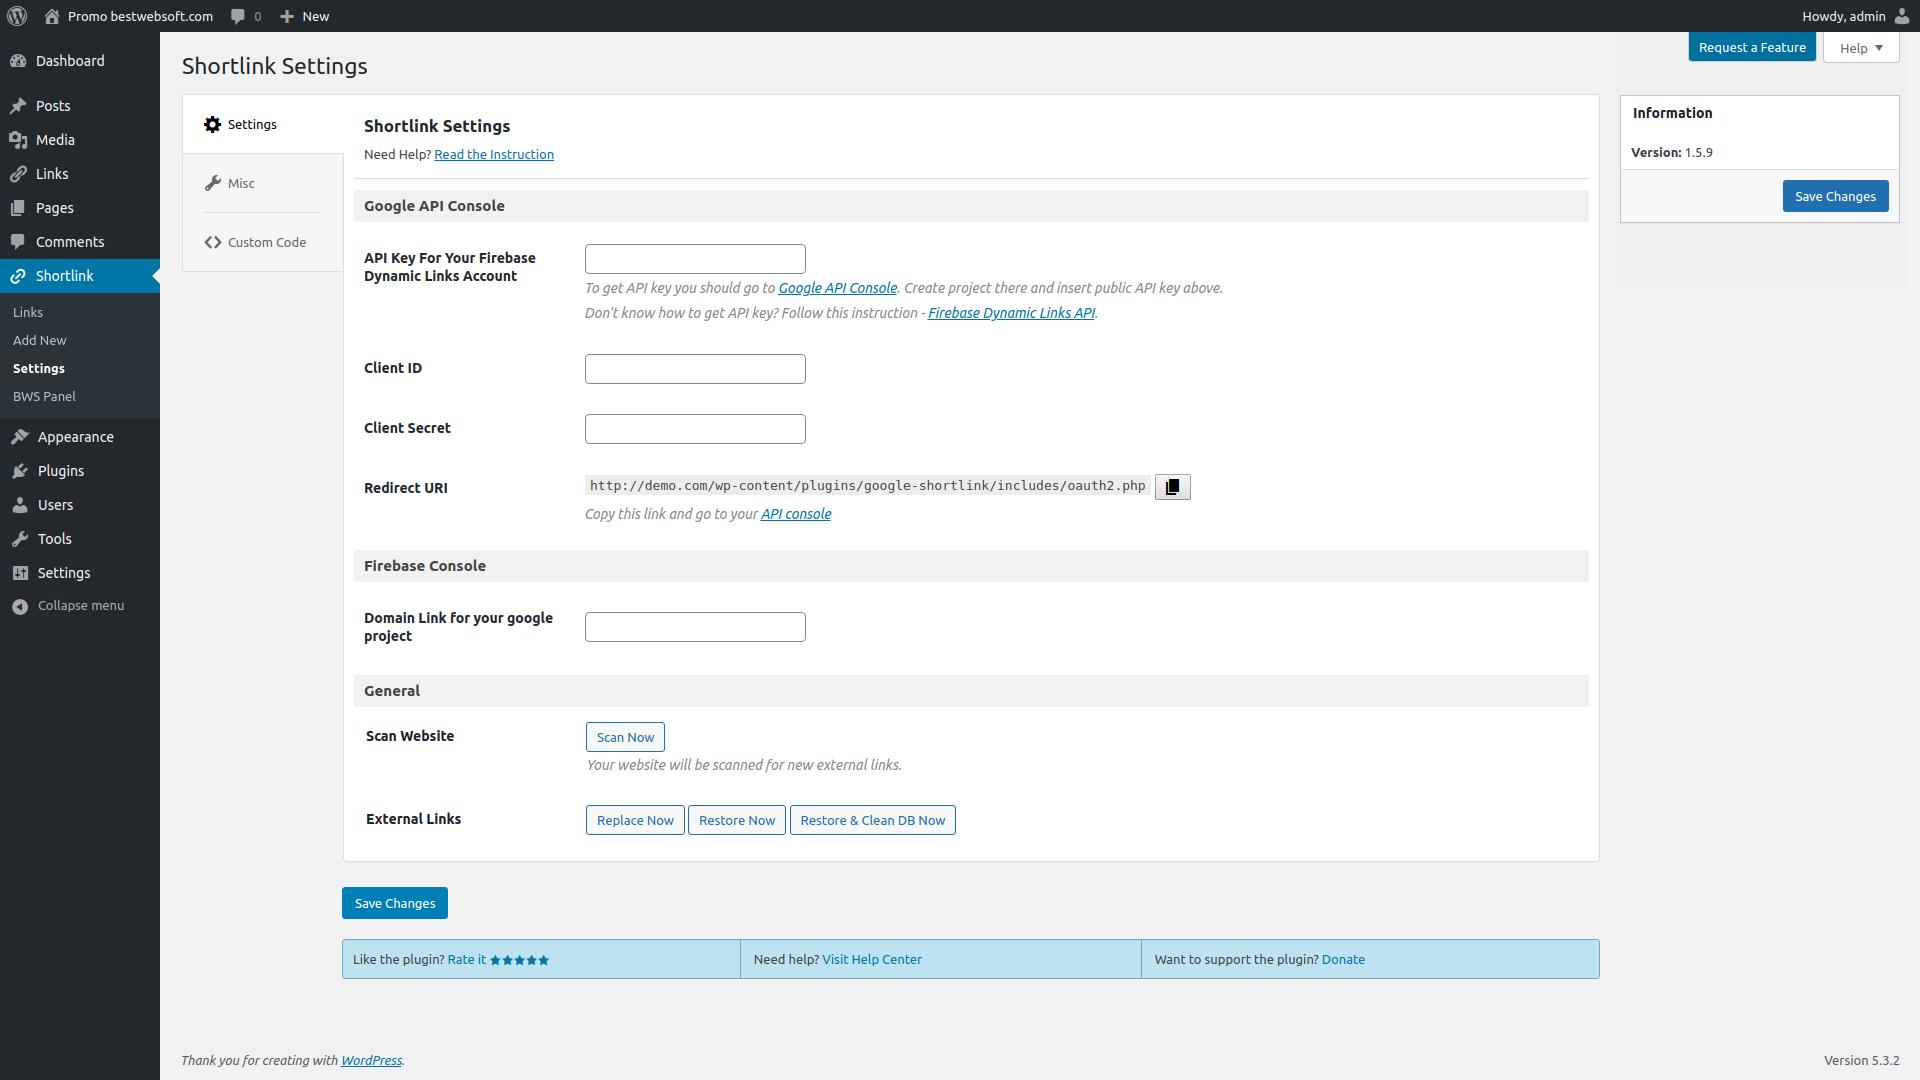 Plugin settings page in WordPress admin panel.